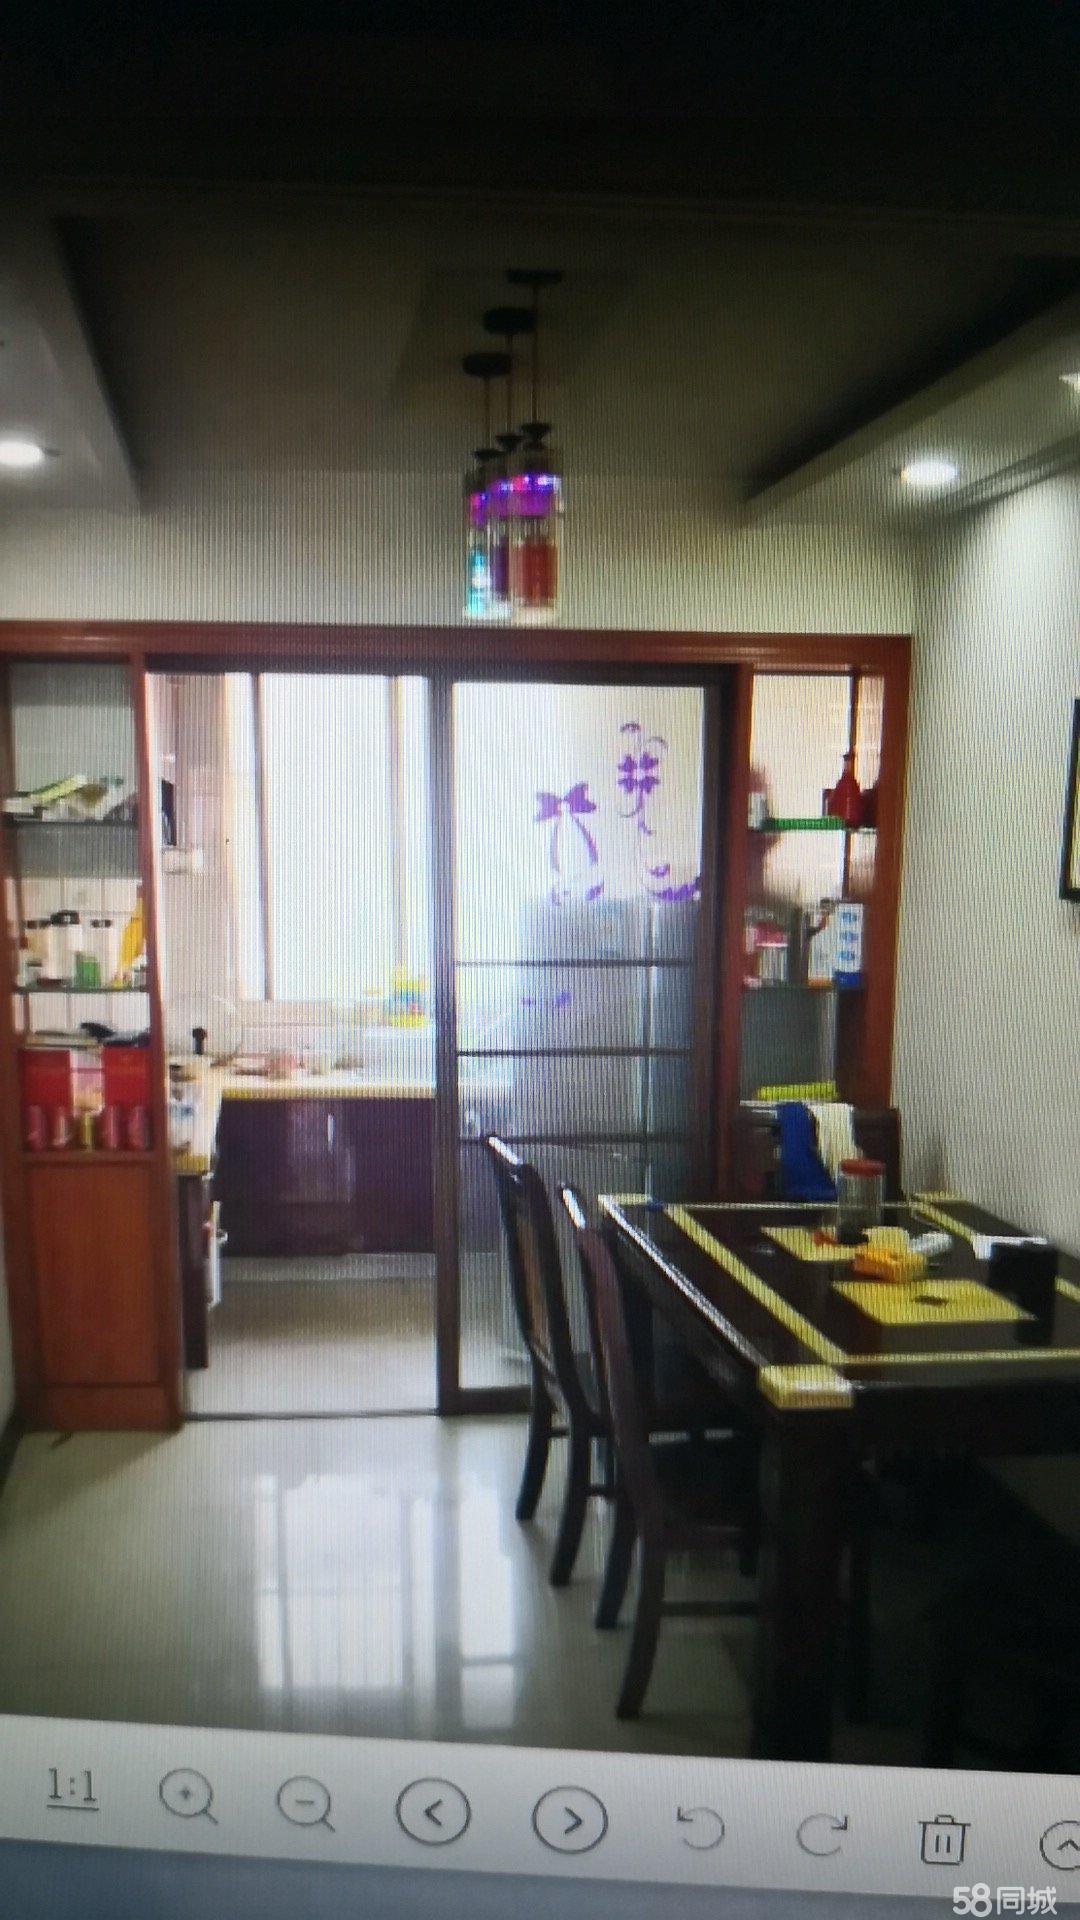 扬中市市区惠州小区4楼147个平方